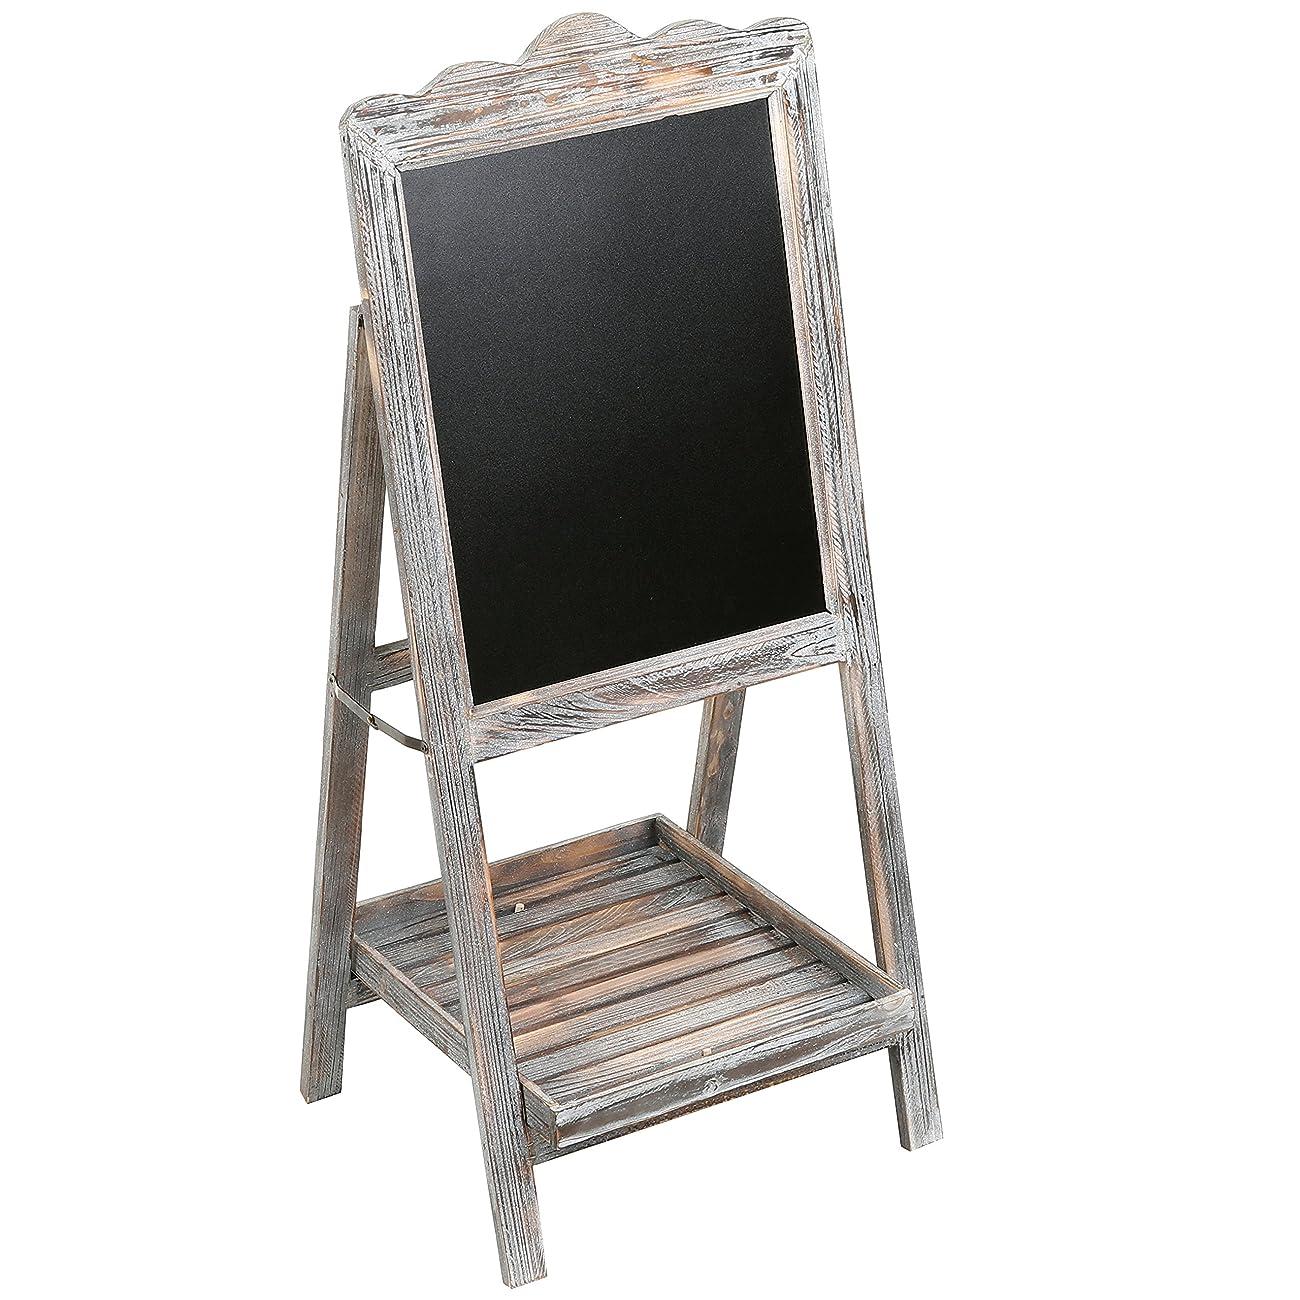 MyGift Torched Wood Chalkboard Easel, Freestanding Vintage Sign Blackboard, Brown 3